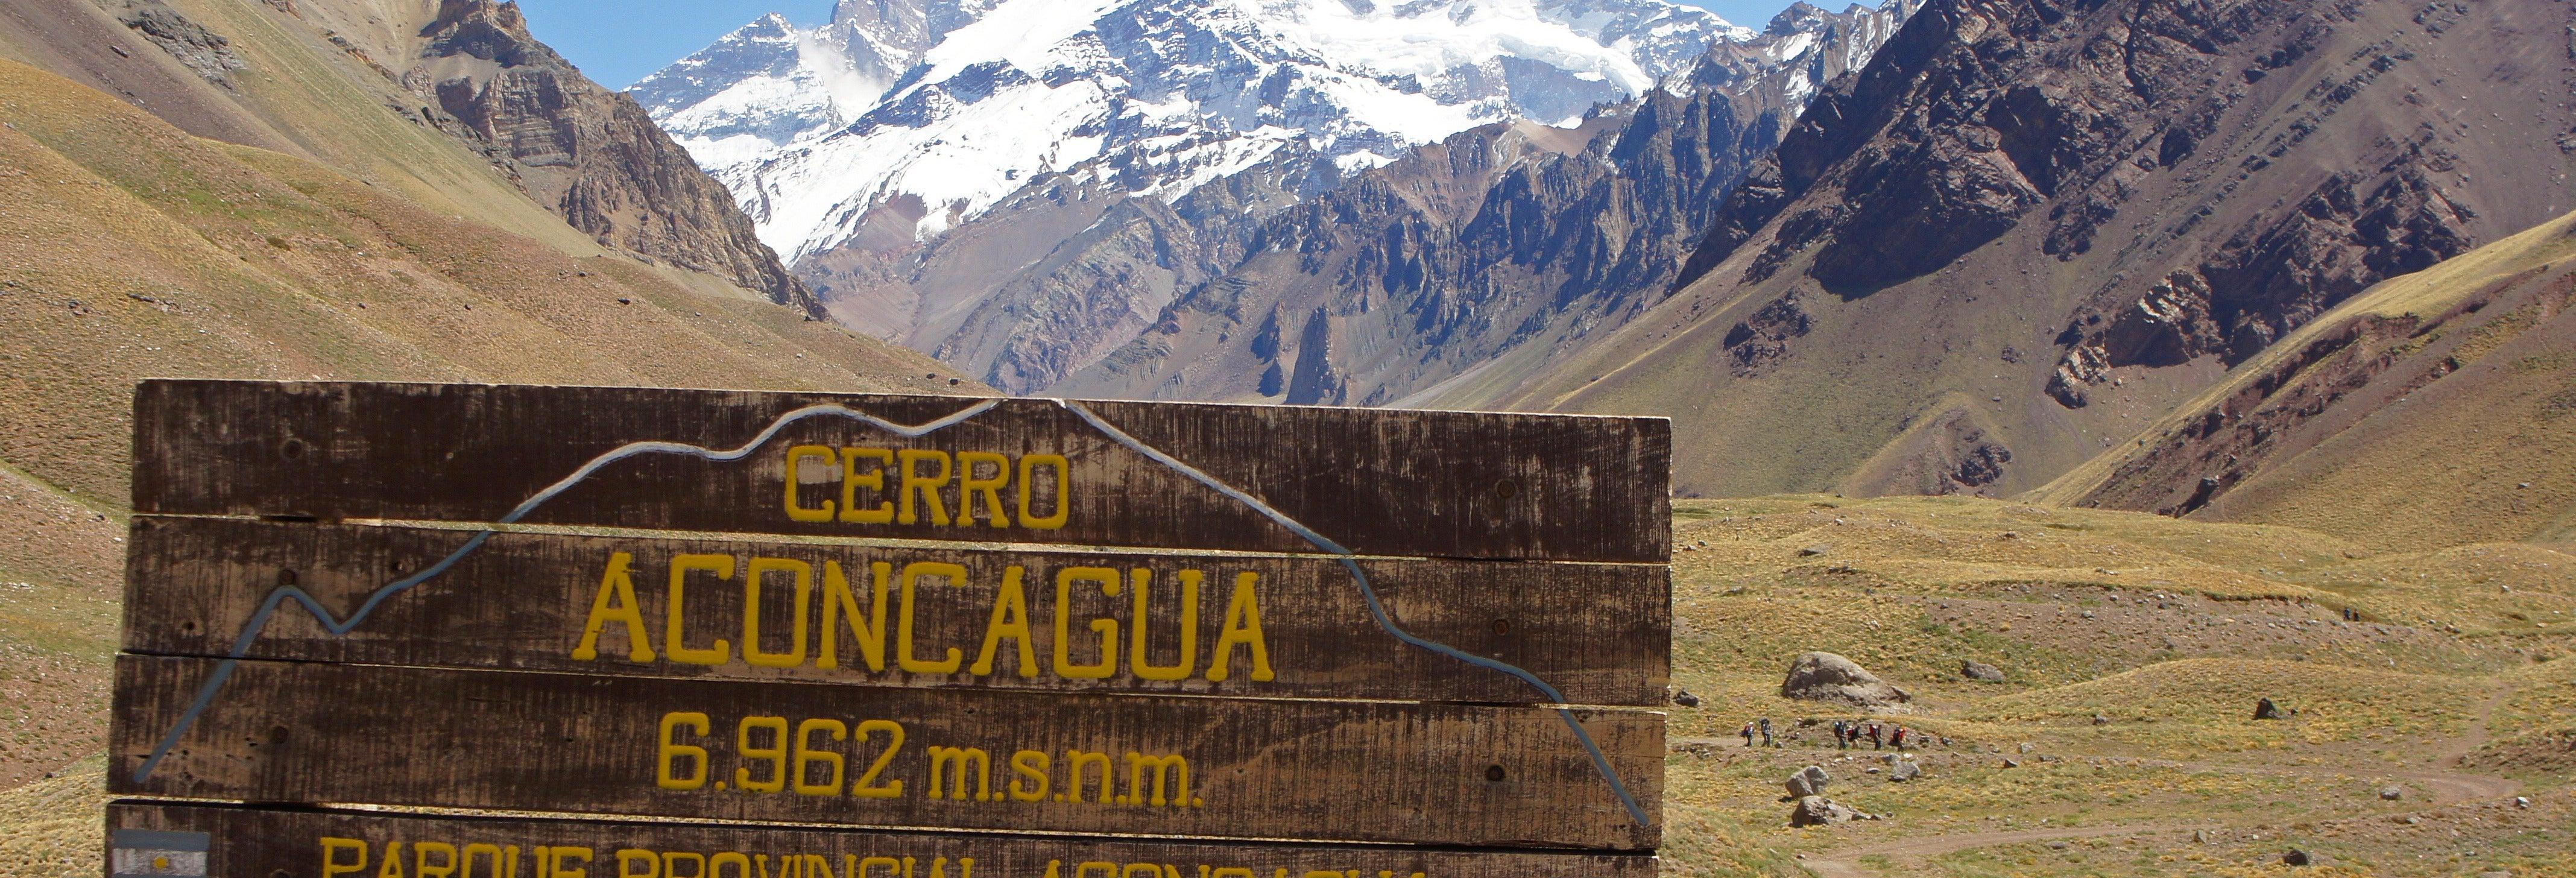 Excursion au Parc de l'Aconcagua